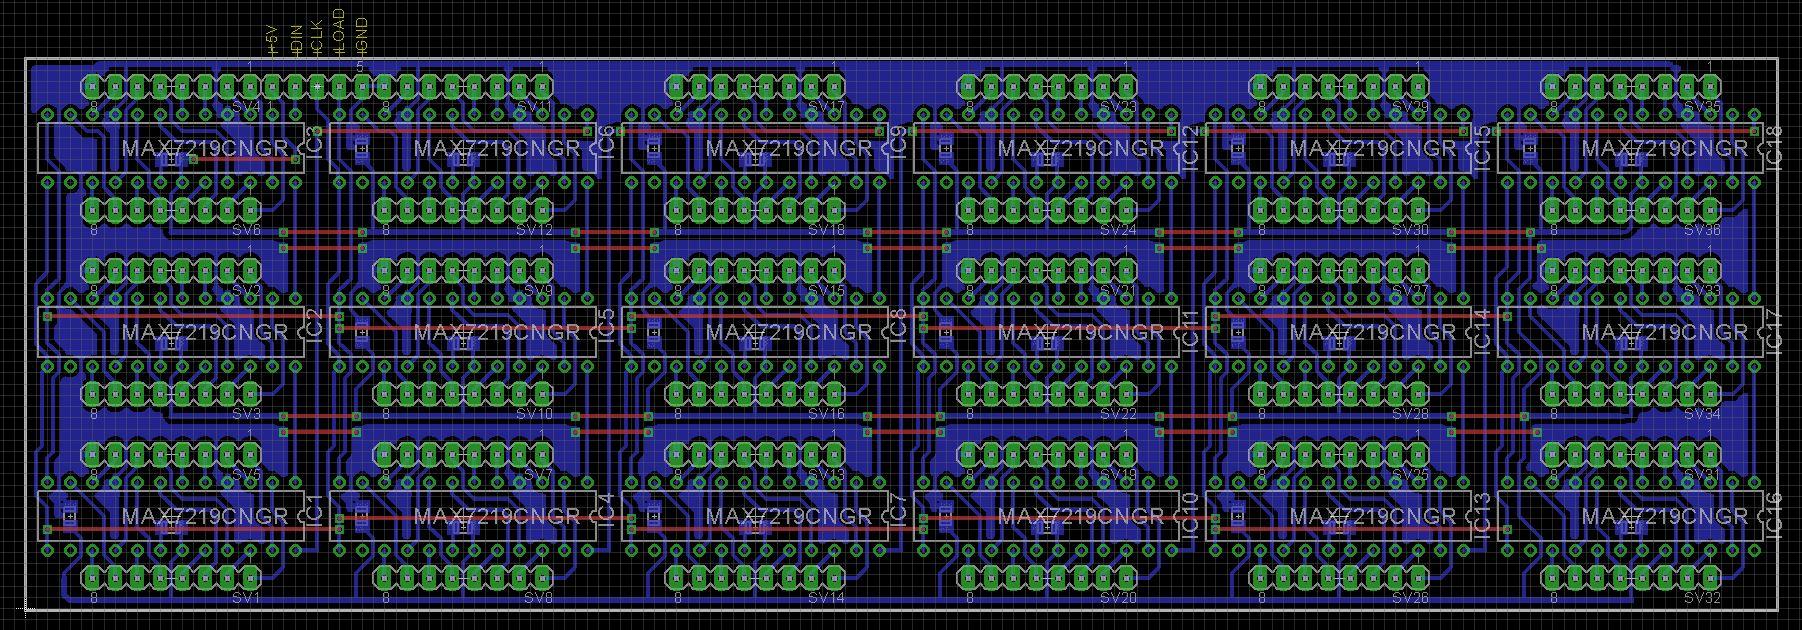 7 segment array clock   base v2 fxvxxou8ca